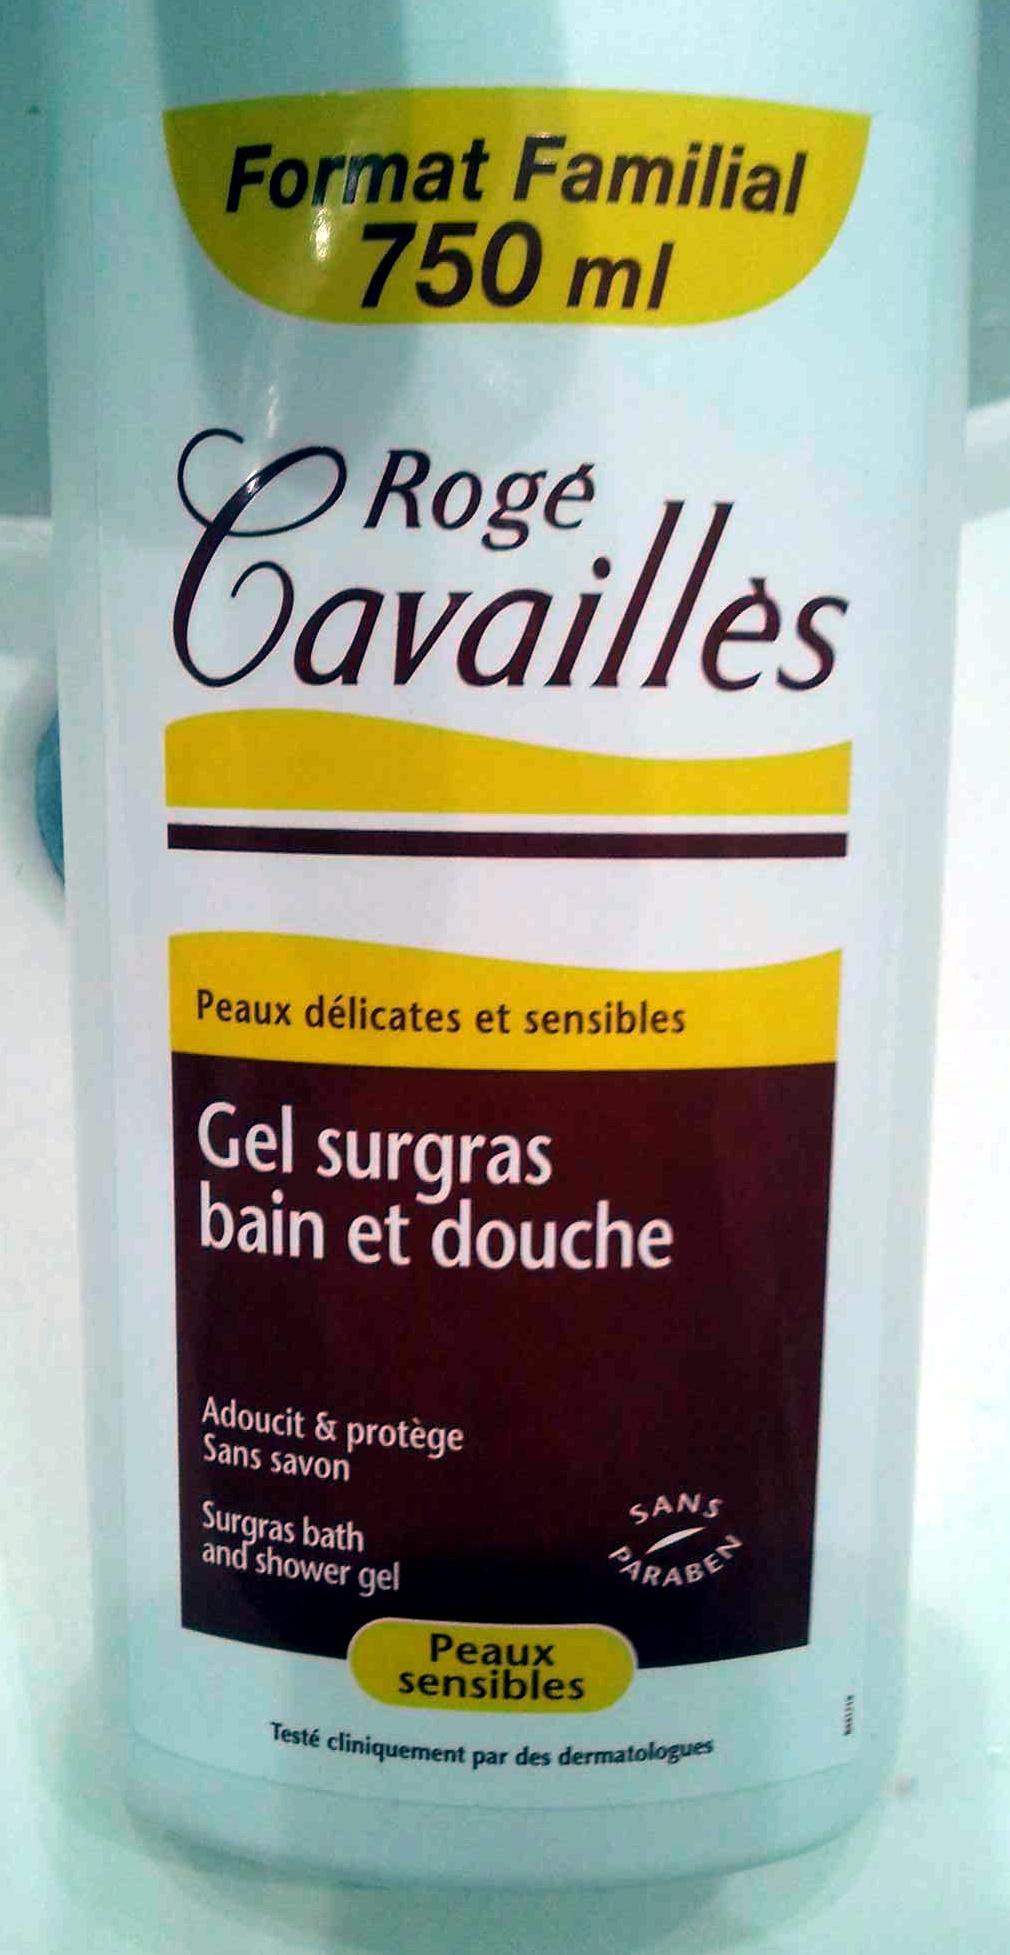 Gel surgras bain et douche - Produit - fr